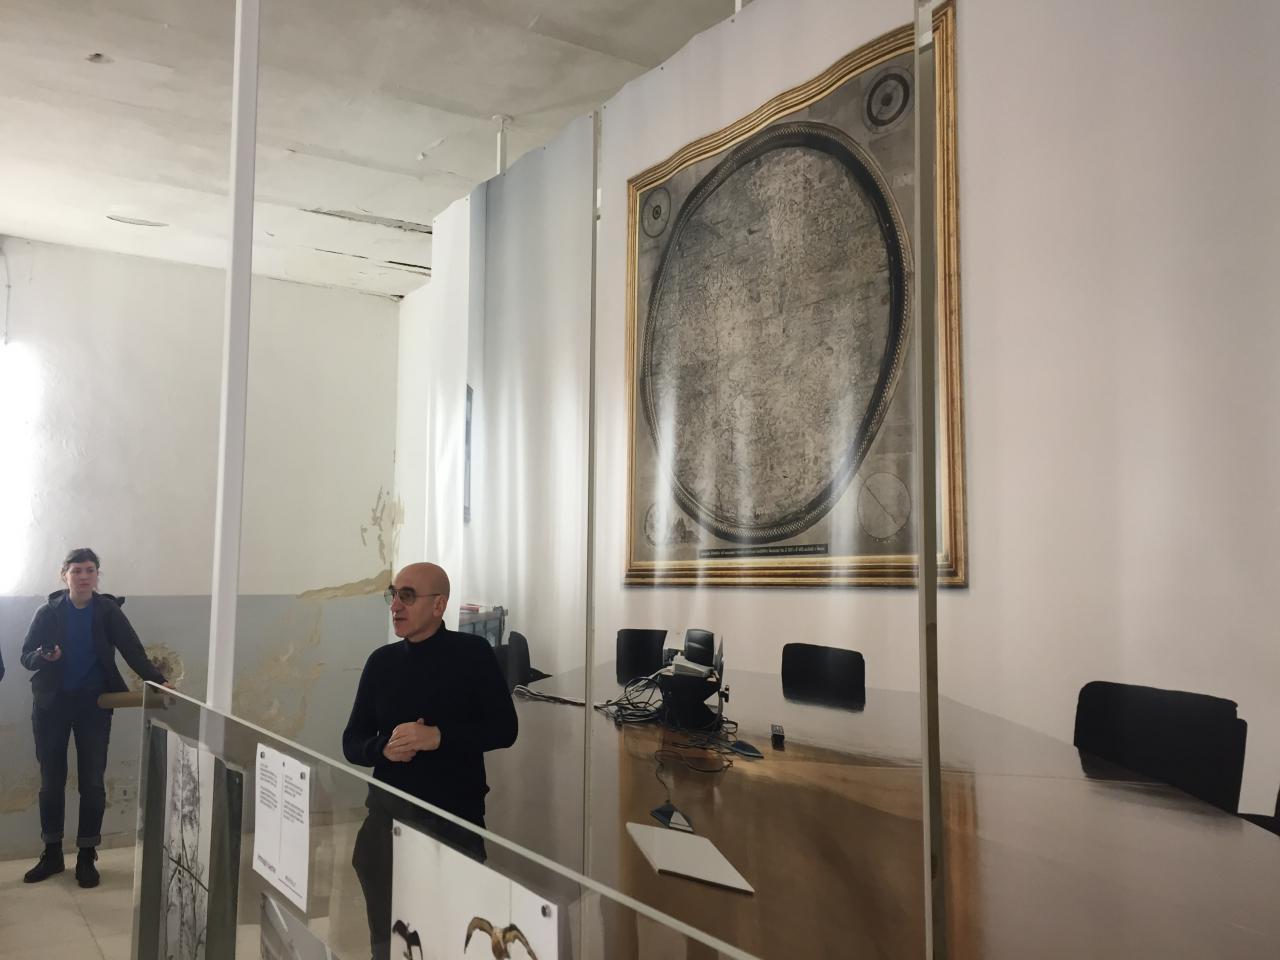 Ein Mann steht vor einer großformatigen Fotografie mit einer Karte über einem Schreibtisch.